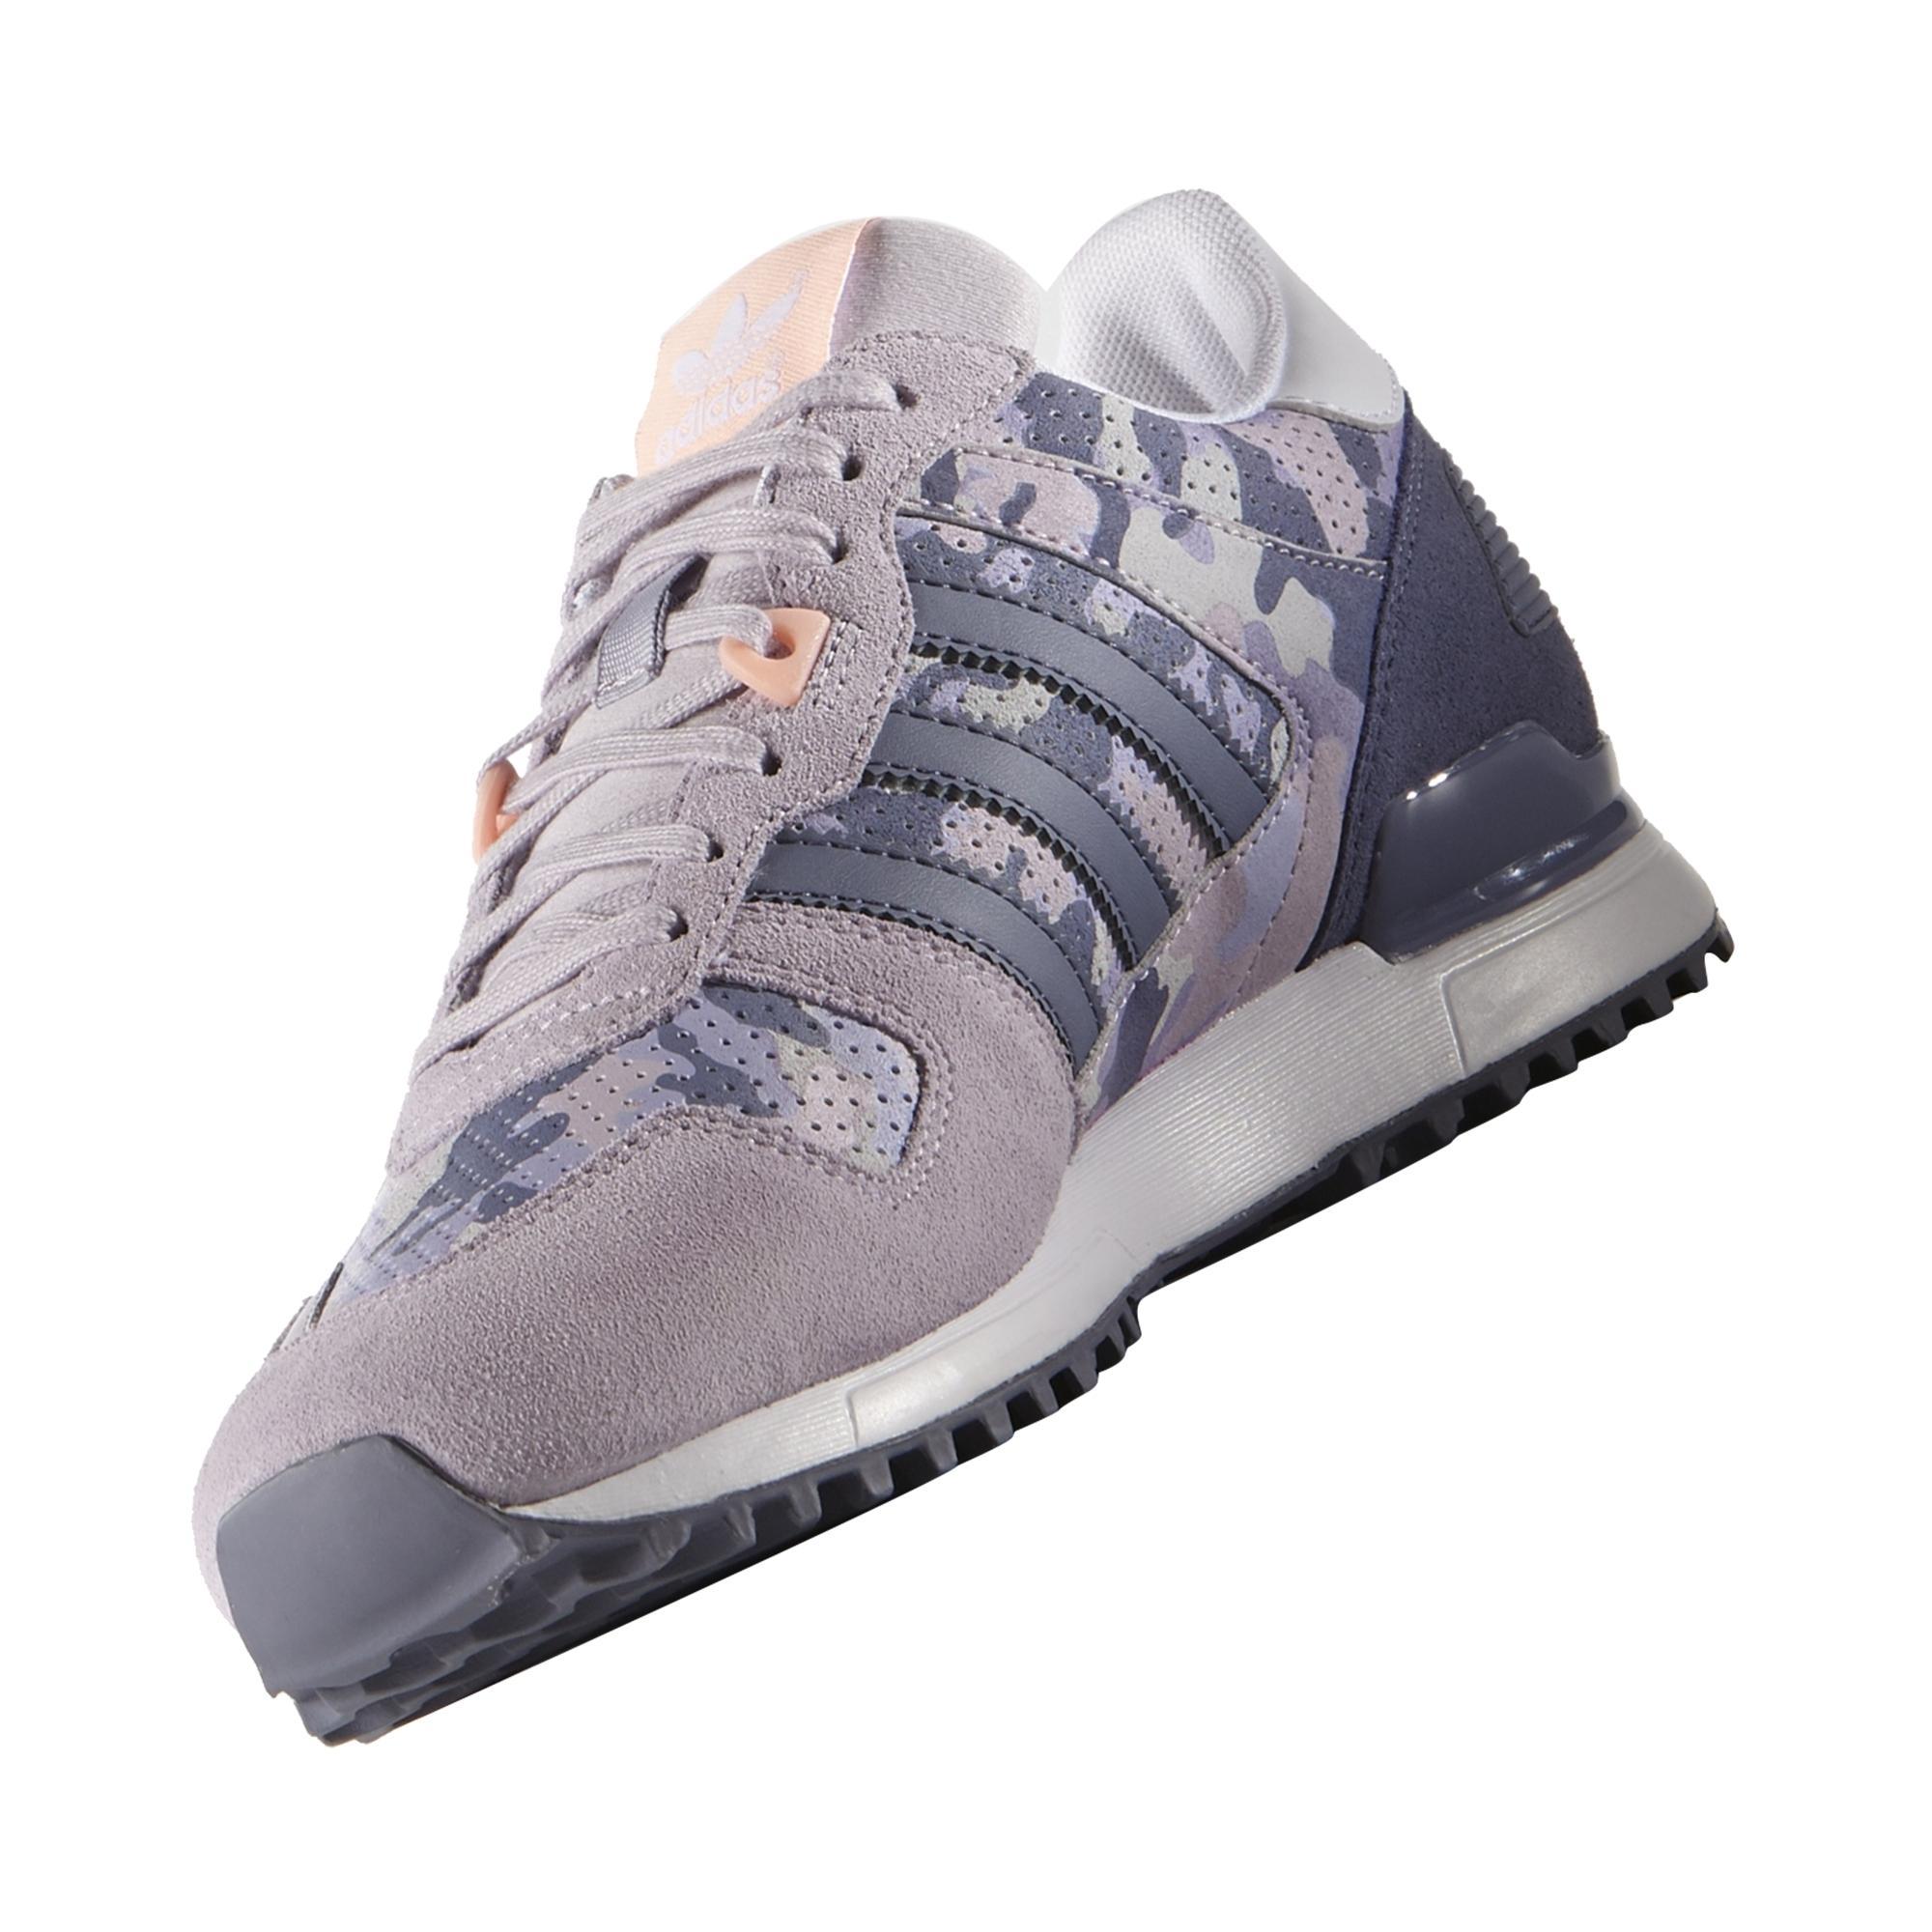 649aaa31d ... france adidas zx 700 print kadn spor ayakkab 6e2a6 bddd2